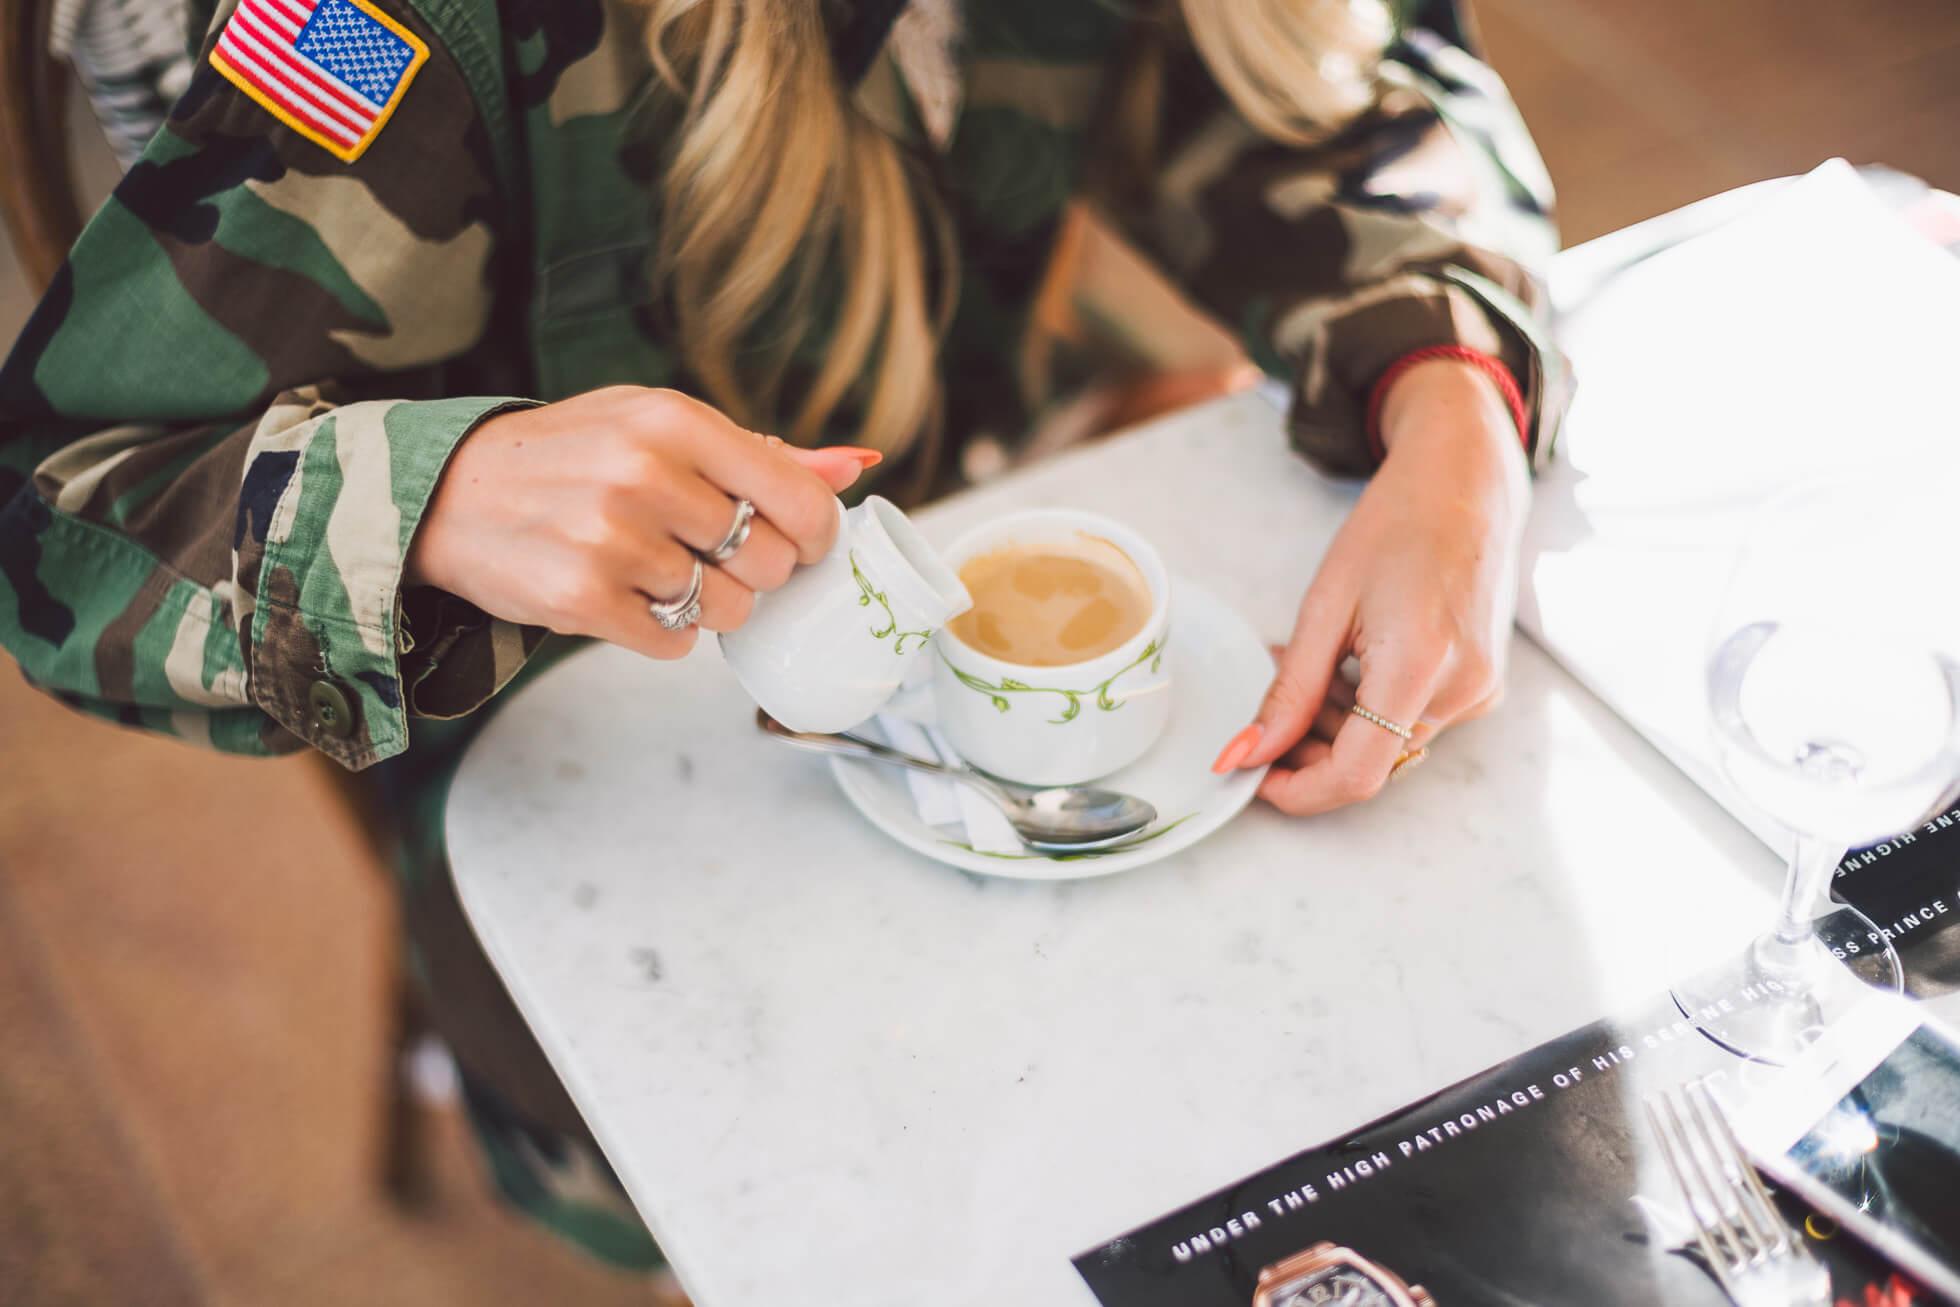 janni-deler-cafe-de-paris-monacoL1050602